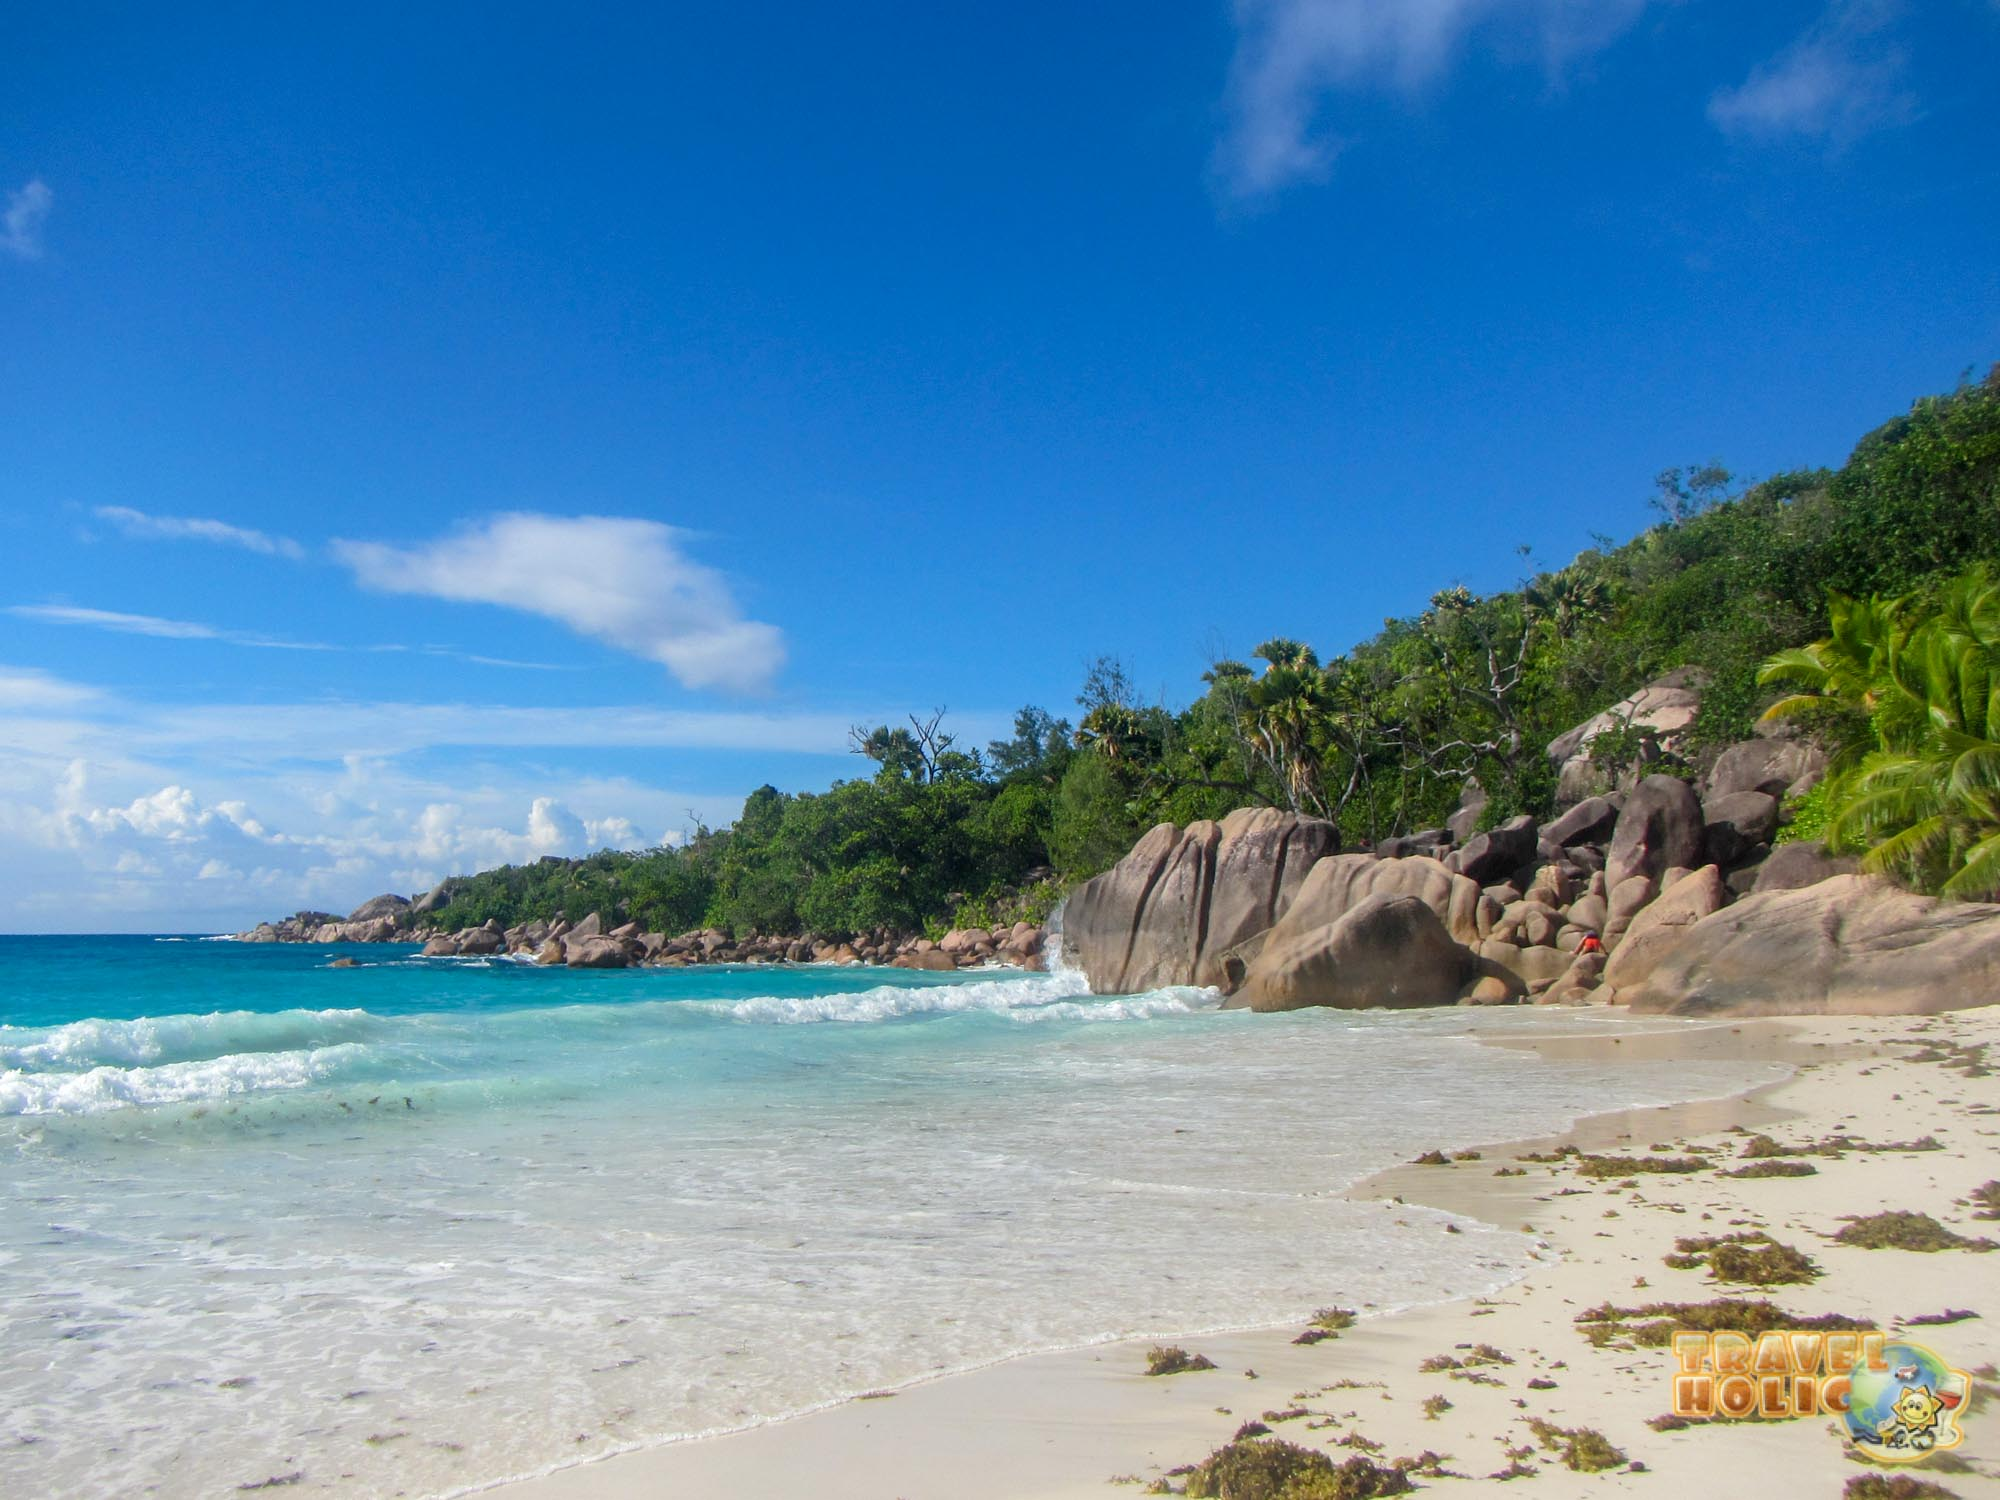 Plage de l'Anse Lazio, Seychelles